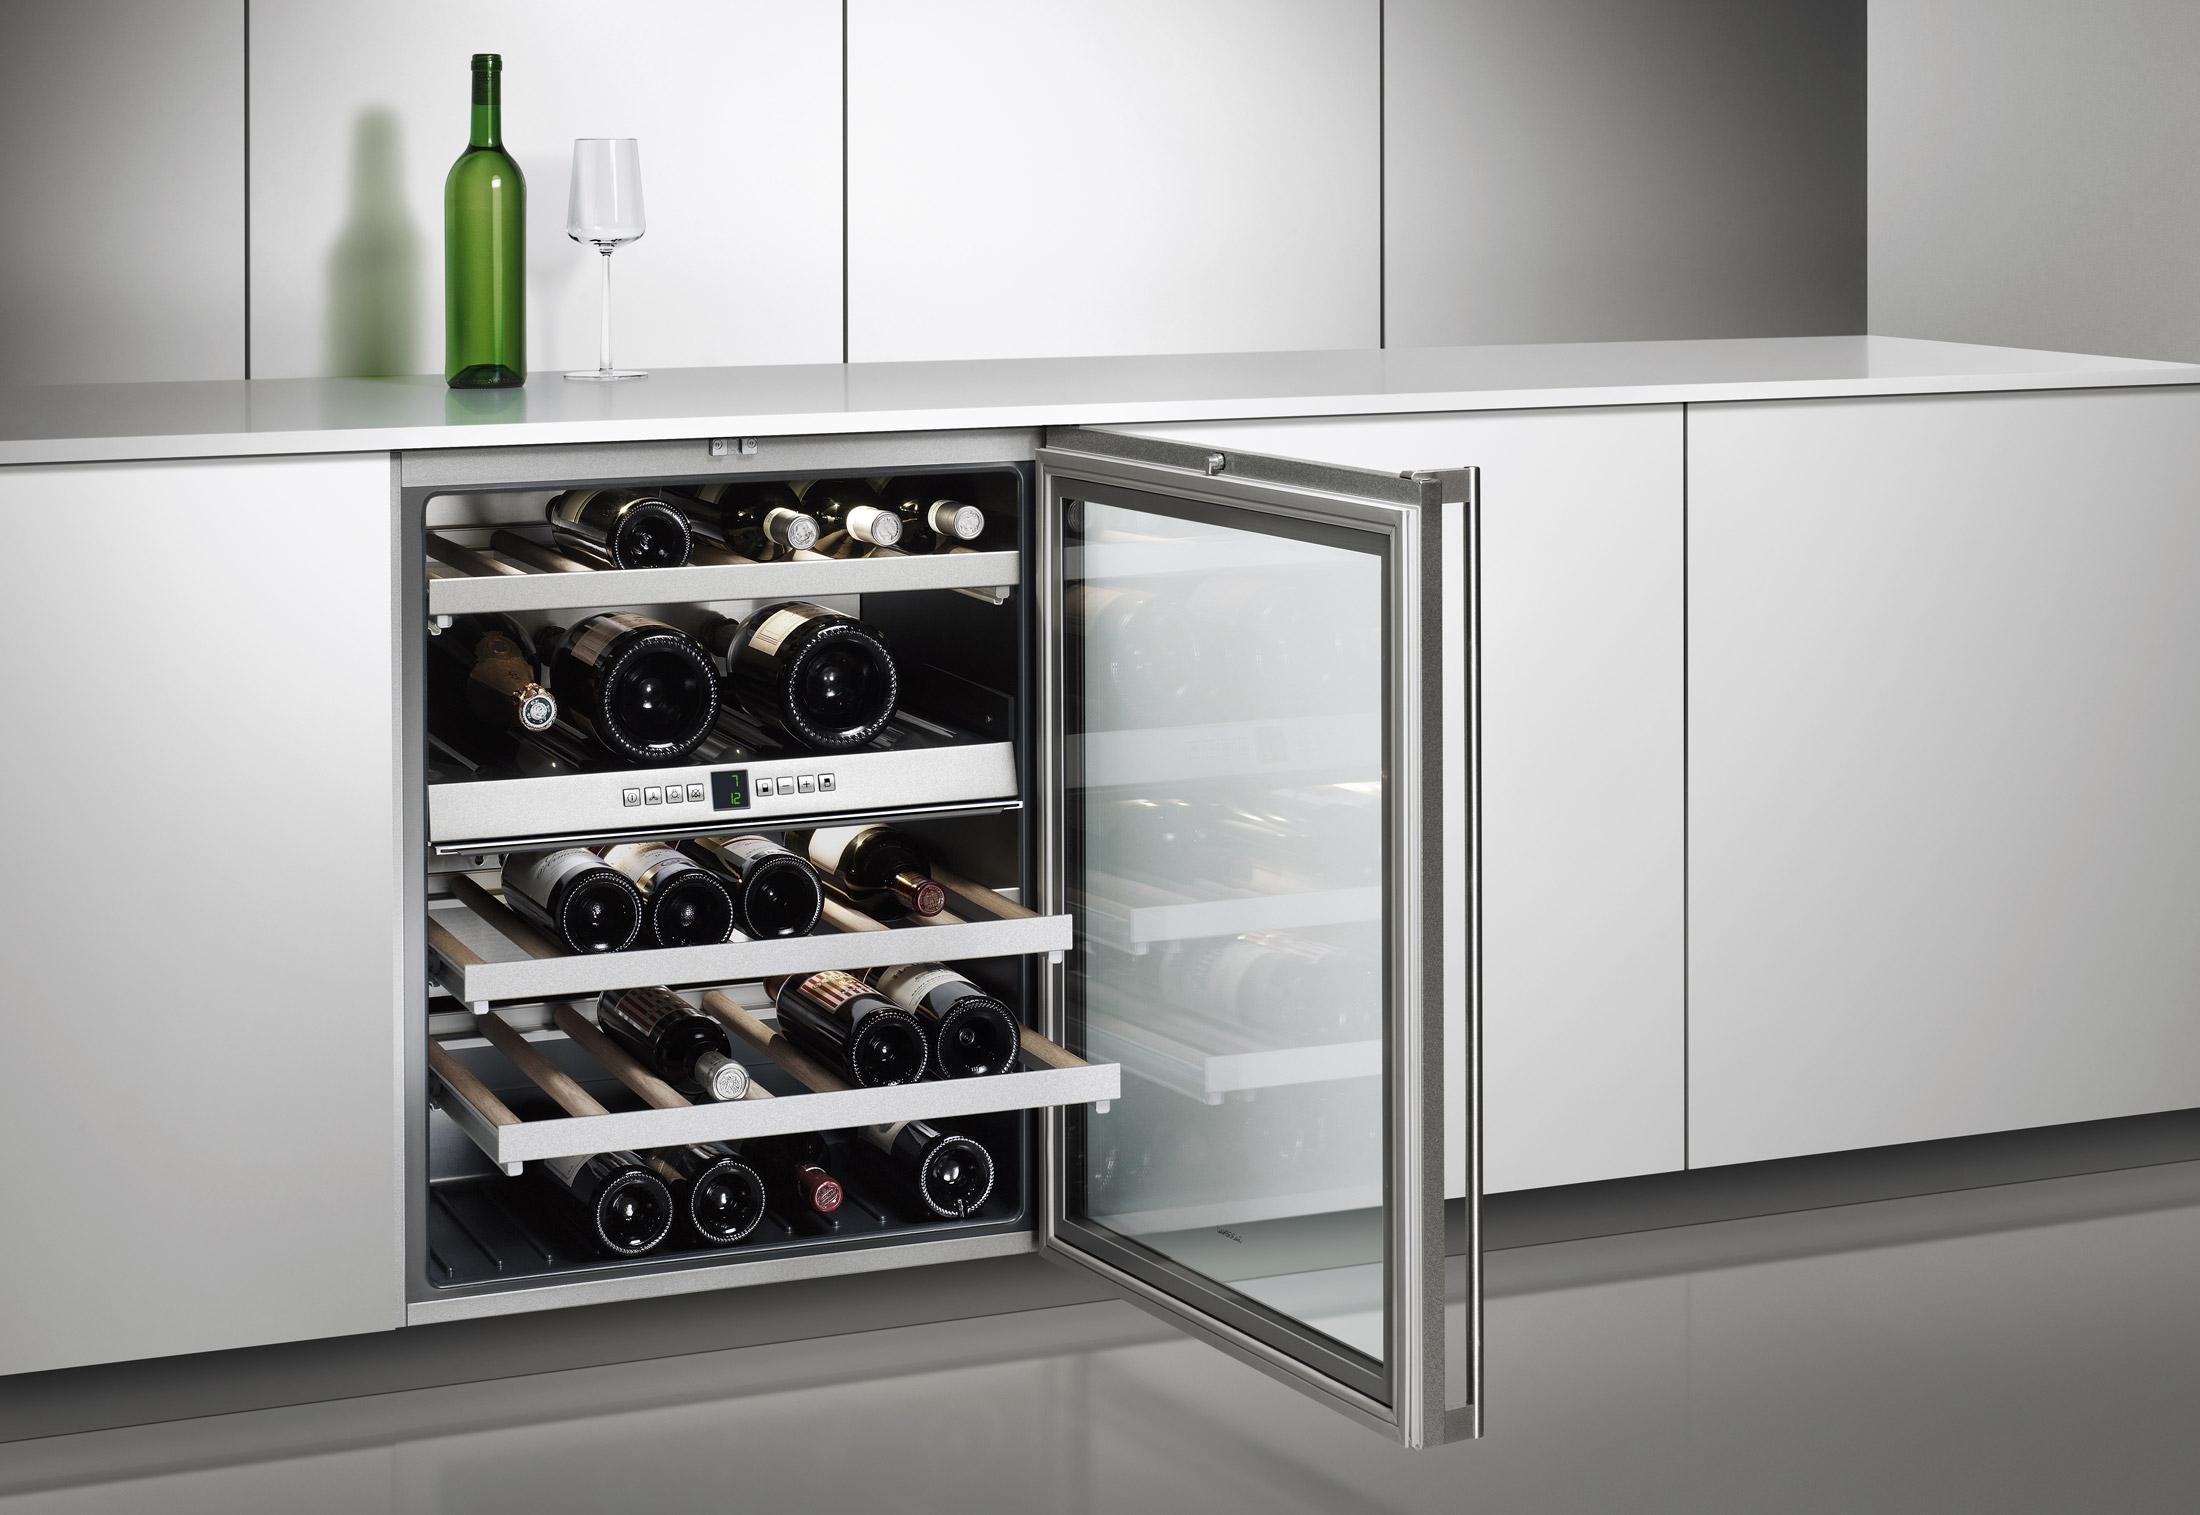 При выборе подходящего винного холодильника необходимо определить количество свободного пространства